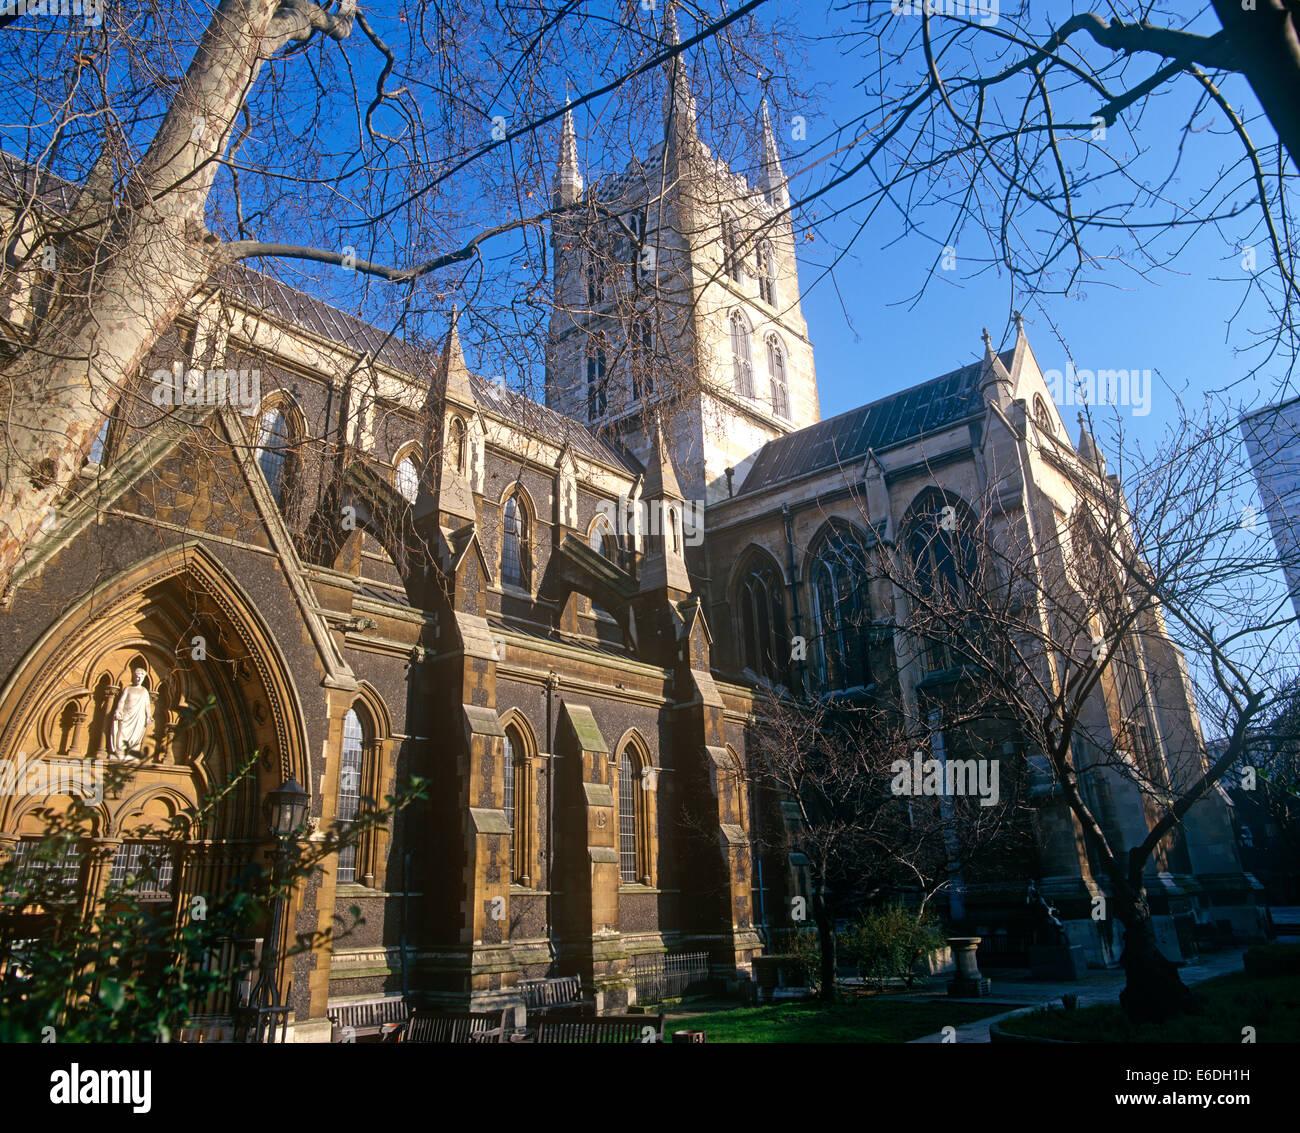 Southwark cathedral london uk - Stock Image